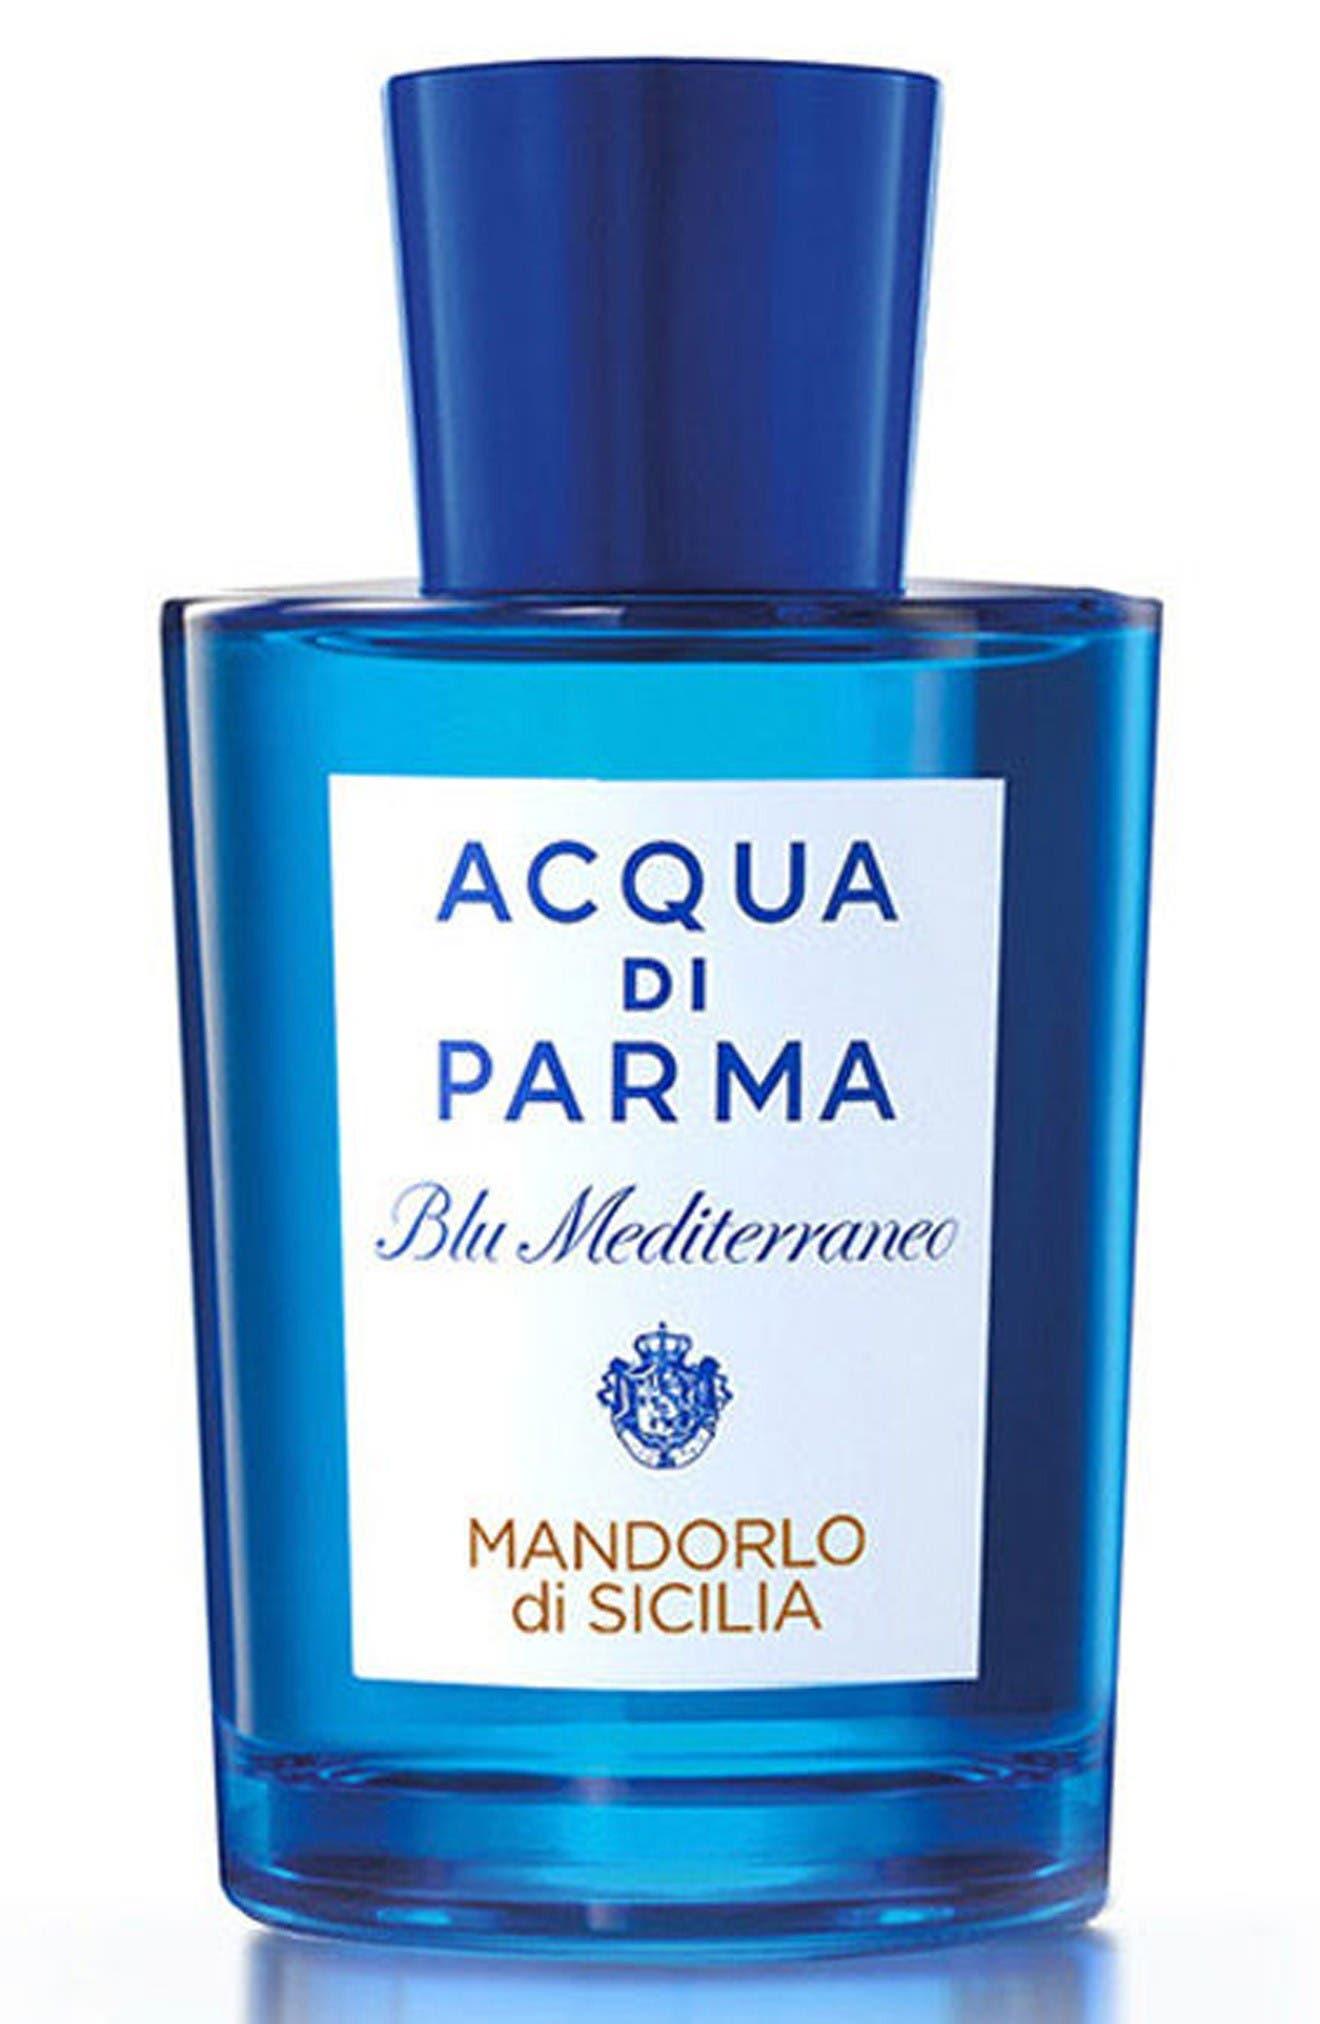 Main Image - Acqua di Parma 'Blu Mediterraneo' Mandorlo di Sicilia Eau de Toilette Spray